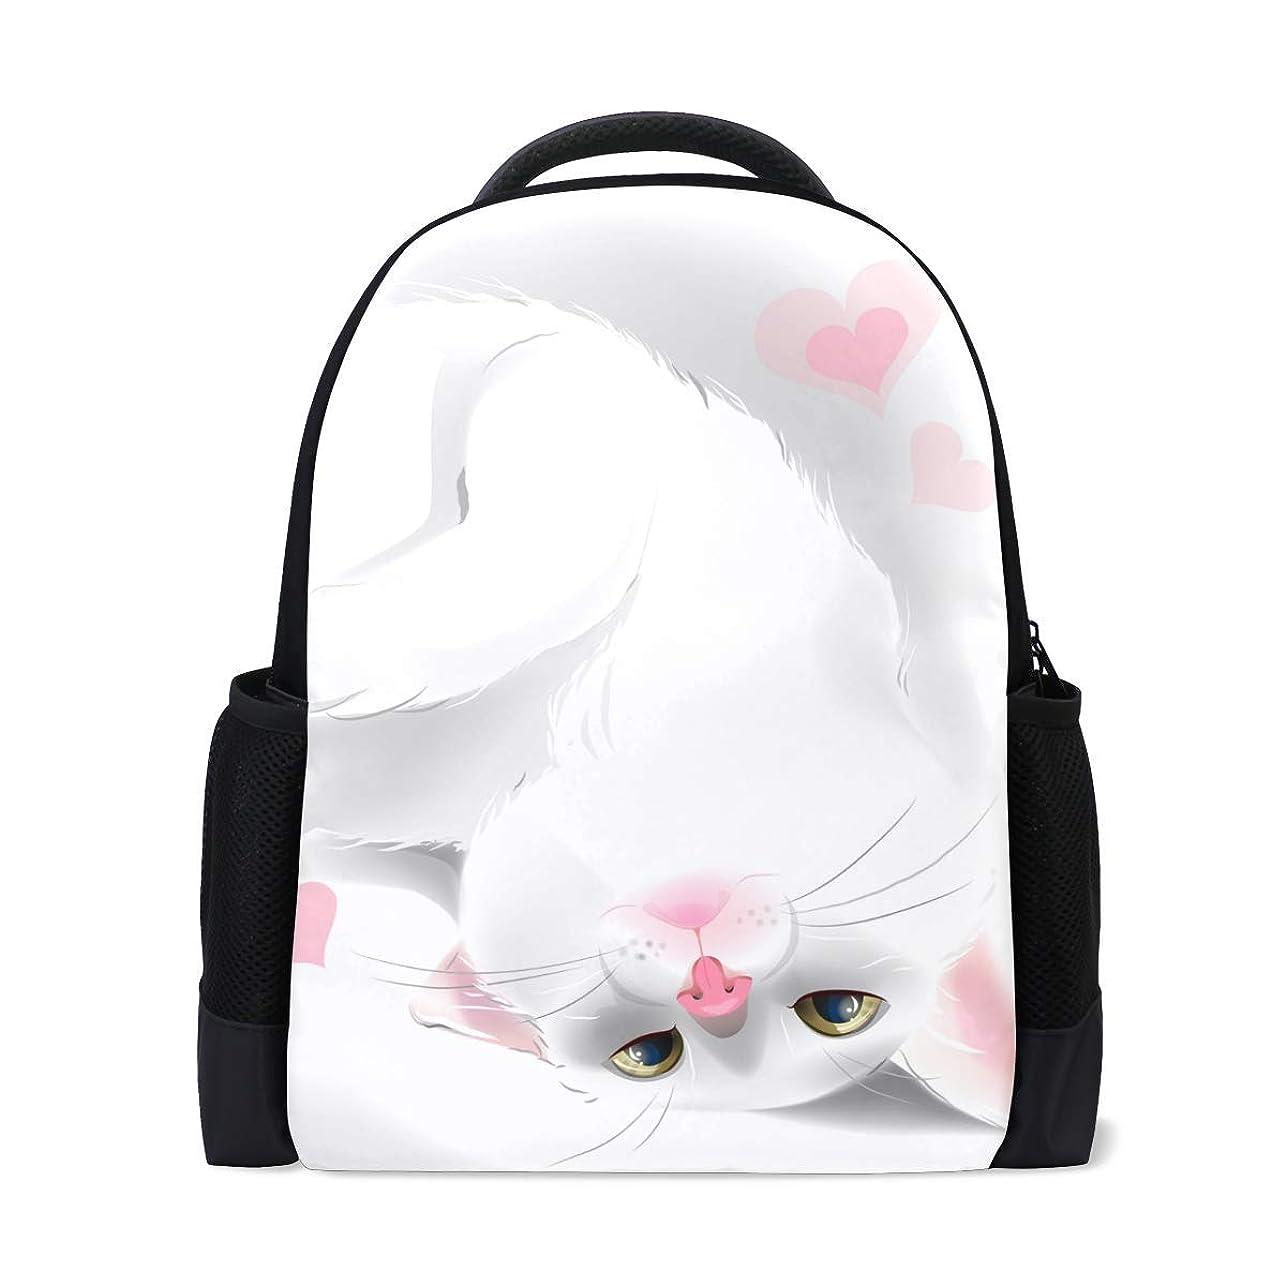 ミュートアロングこんにちはVAMIX バッグ リュック サック 男女兼用 メンズ レディース 通勤 通学 大容量 ギフト プレゼント 猫柄 可愛い猫 白猫